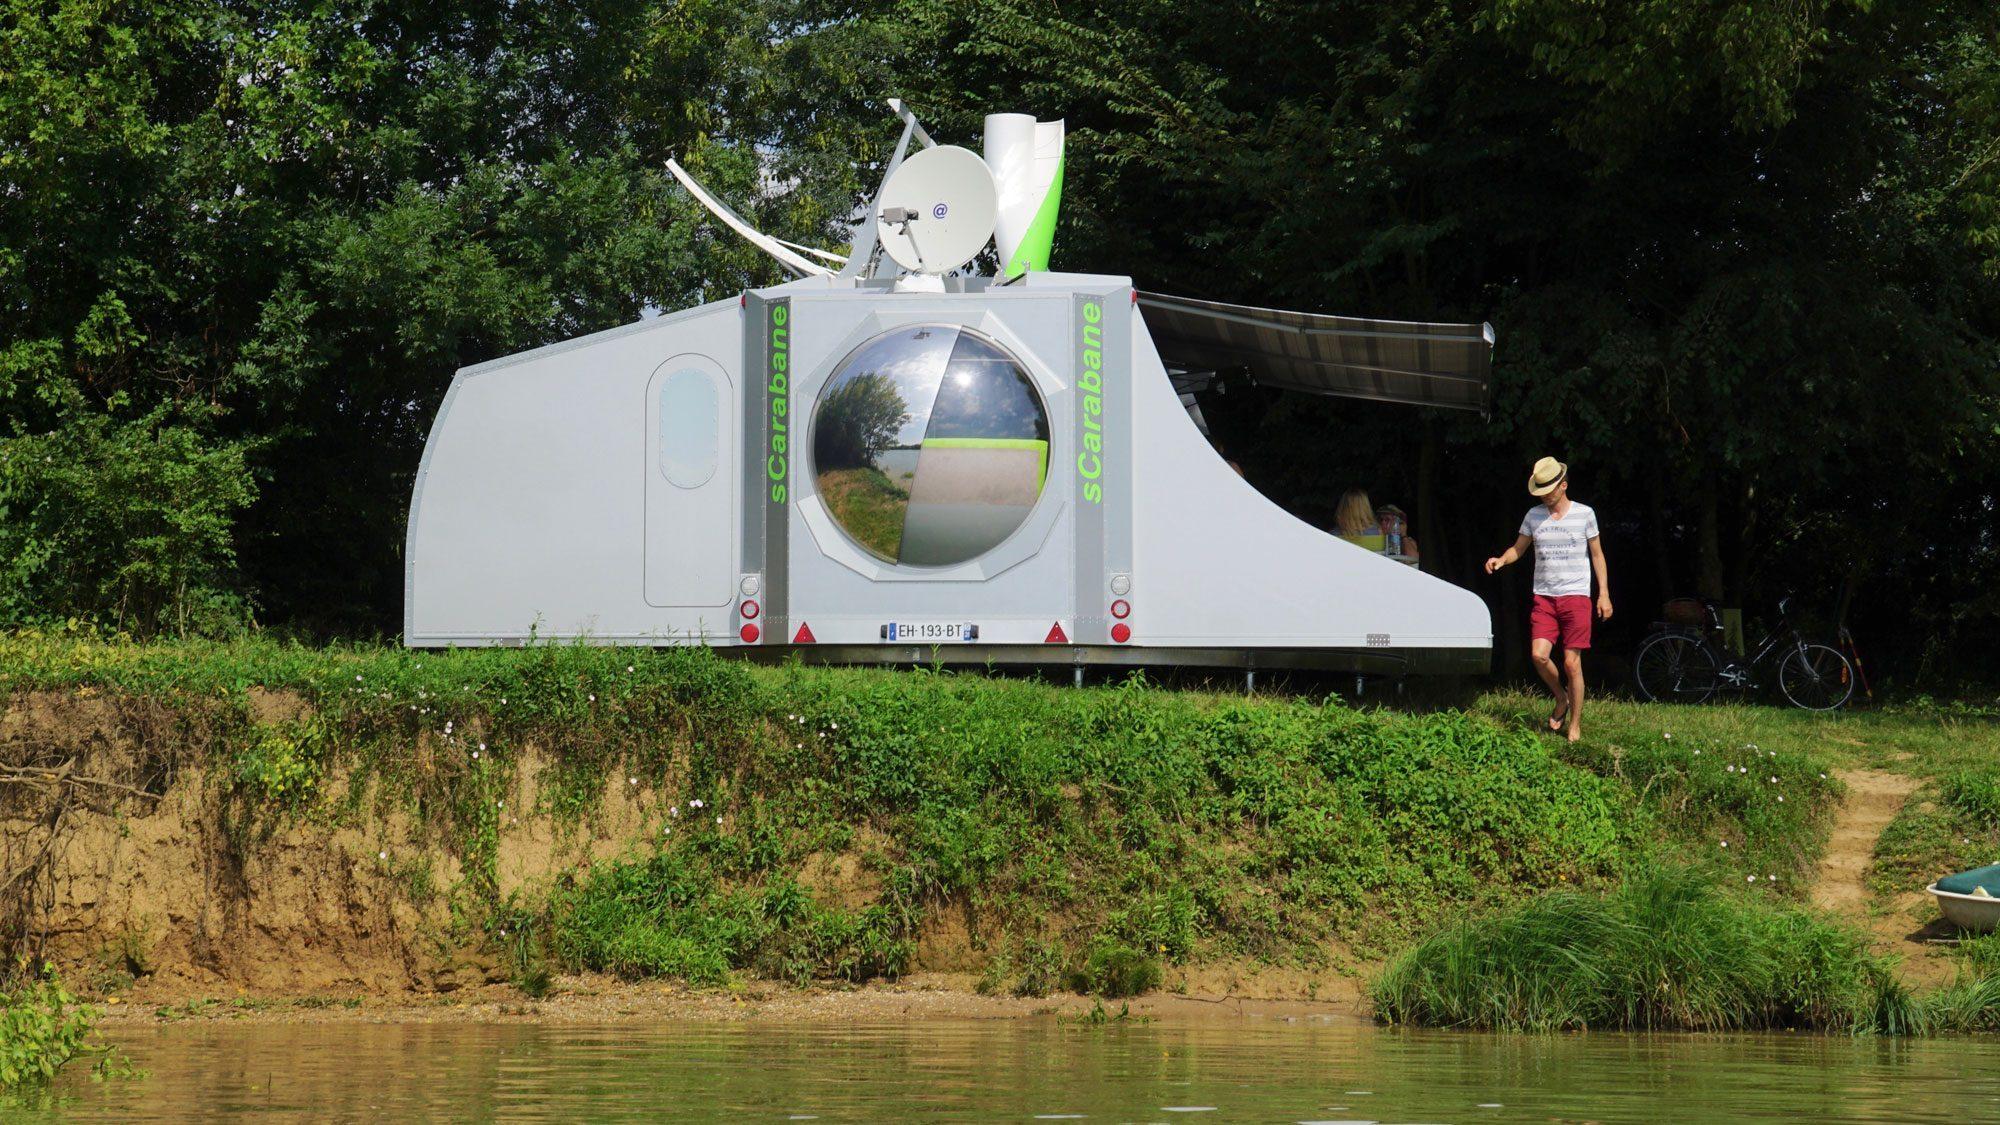 Off Grid Caravan - tiny home